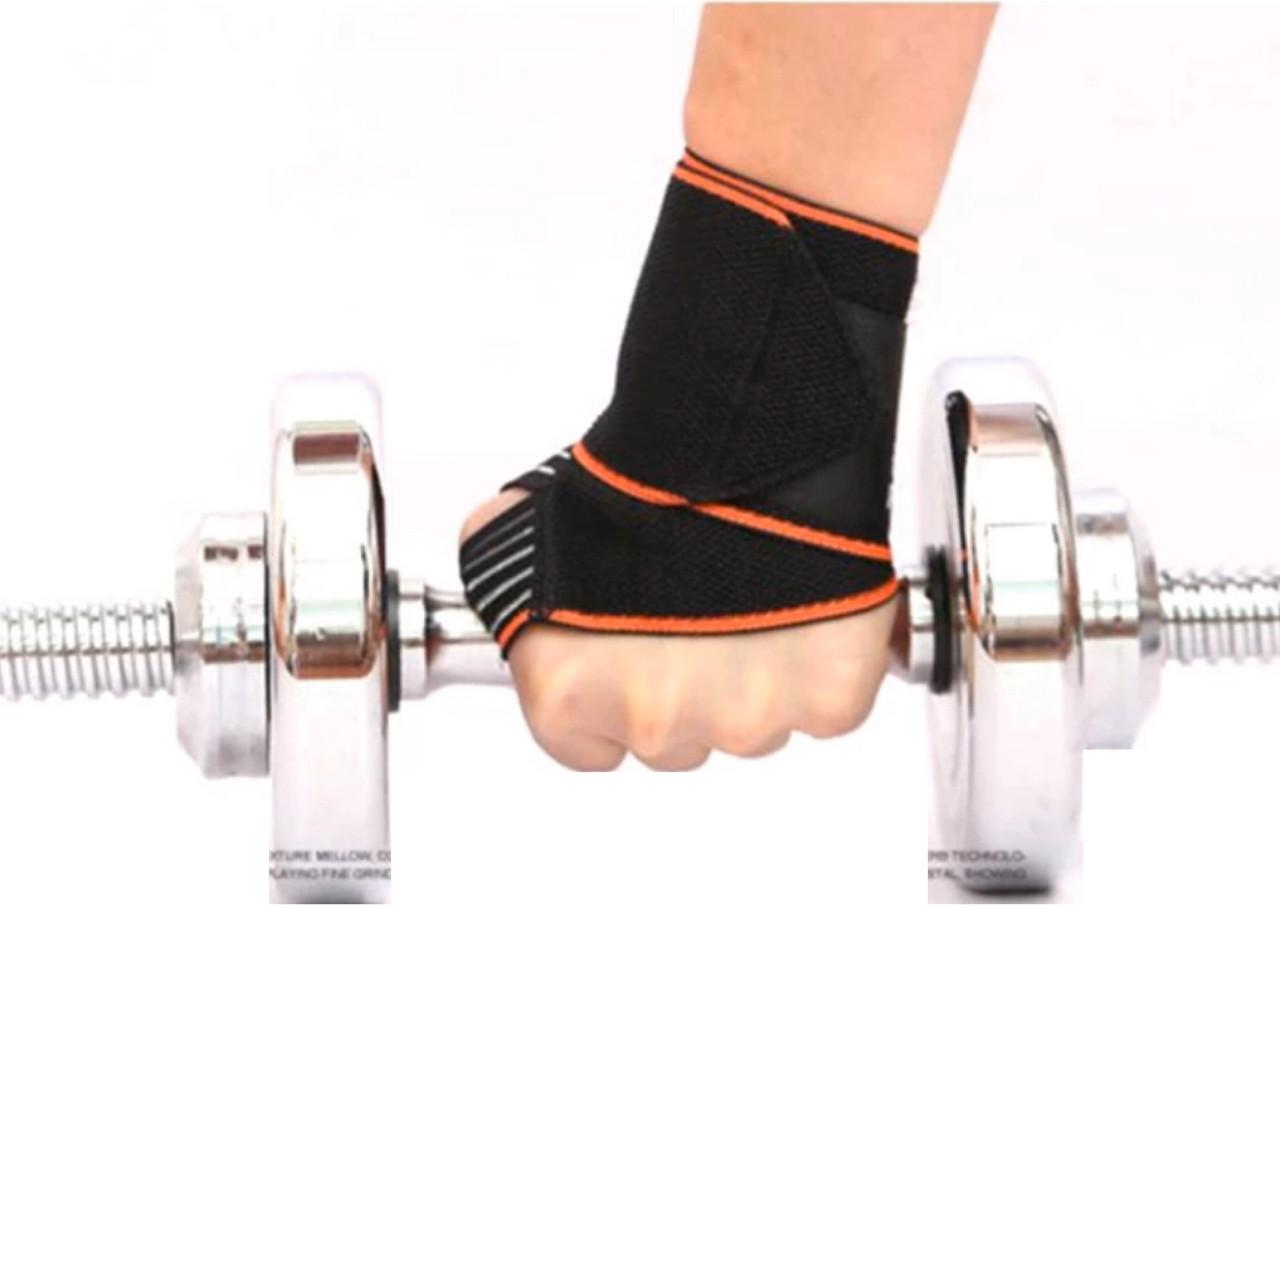 Компрессионный эластичный бинт повязка на запястье бандаж для занятий в тренажерном зале 1 шт